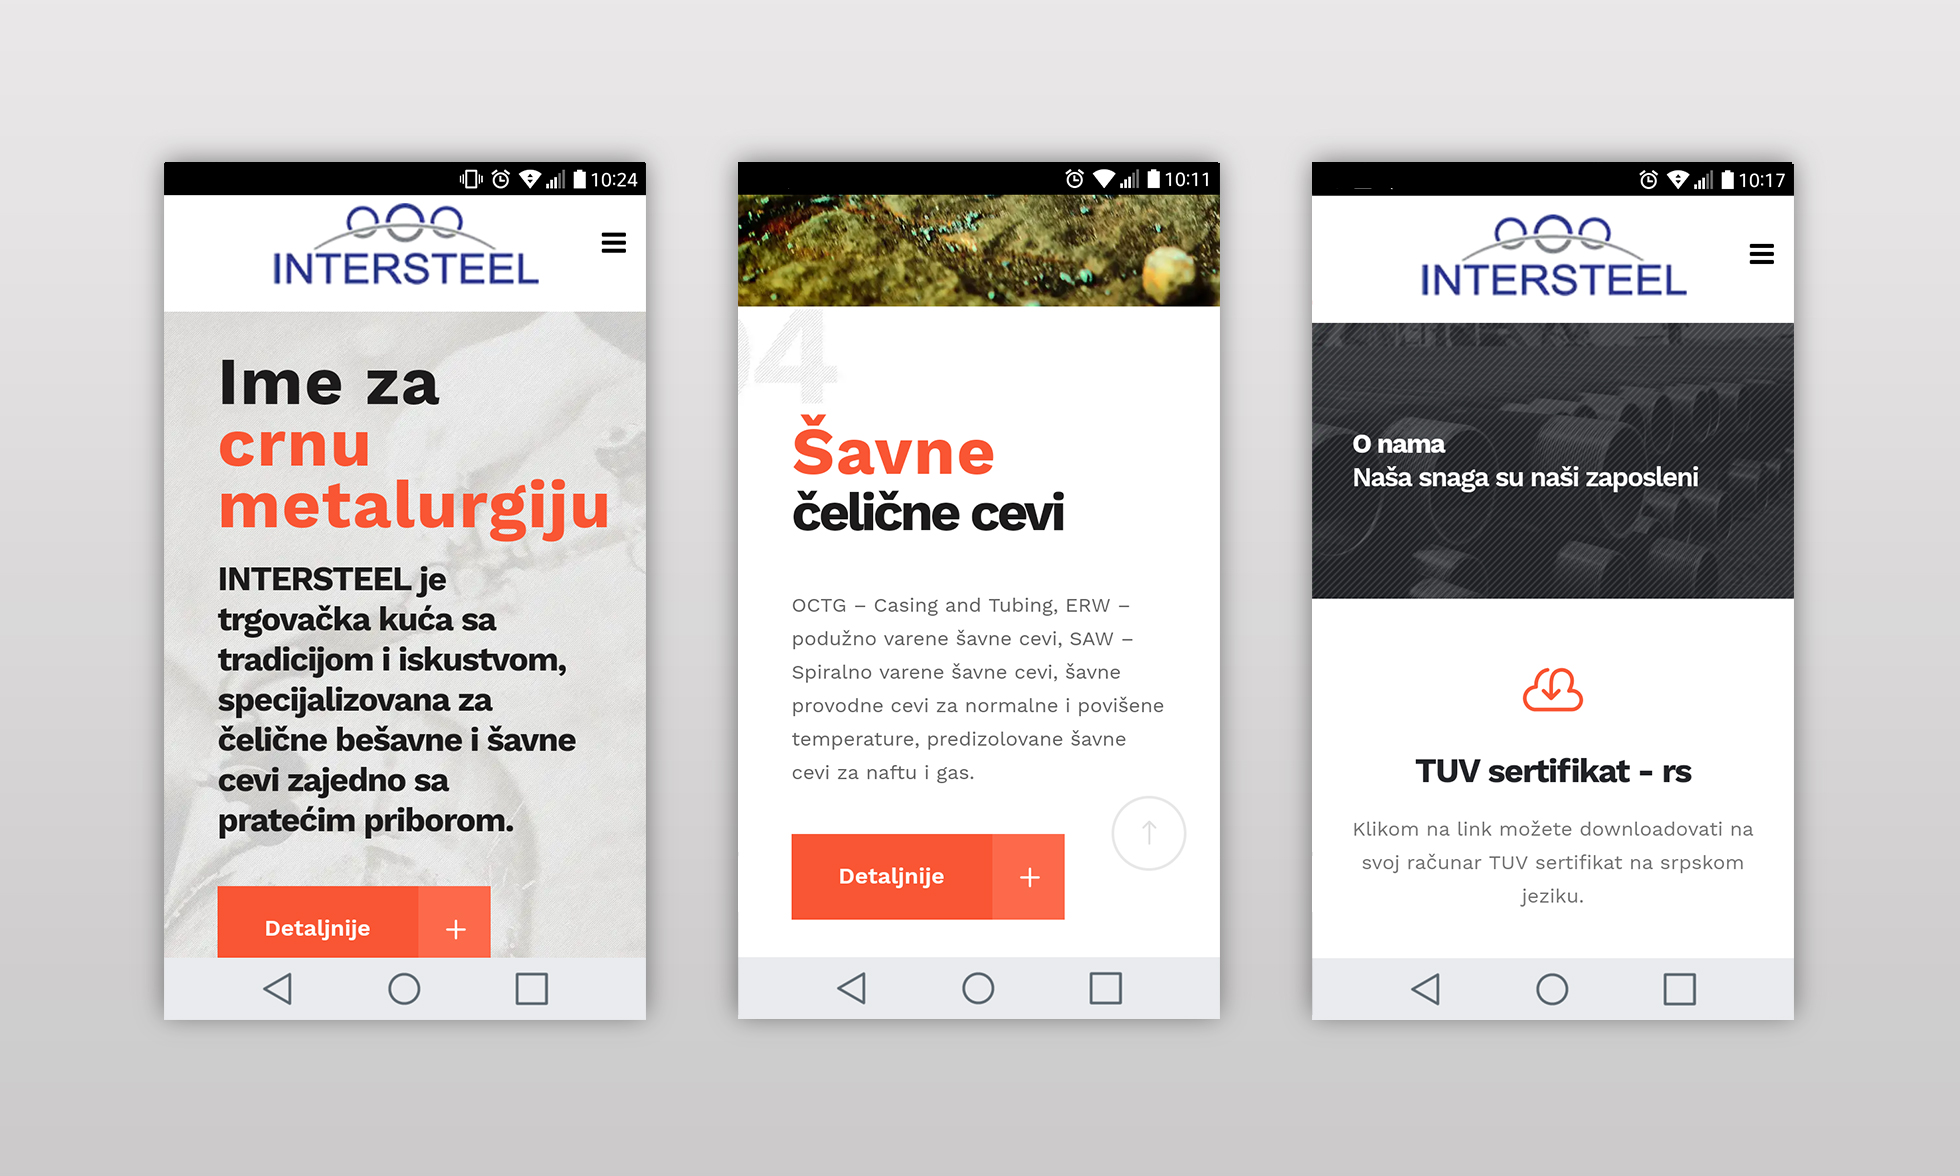 Wesite design for Intersteel-mobile view